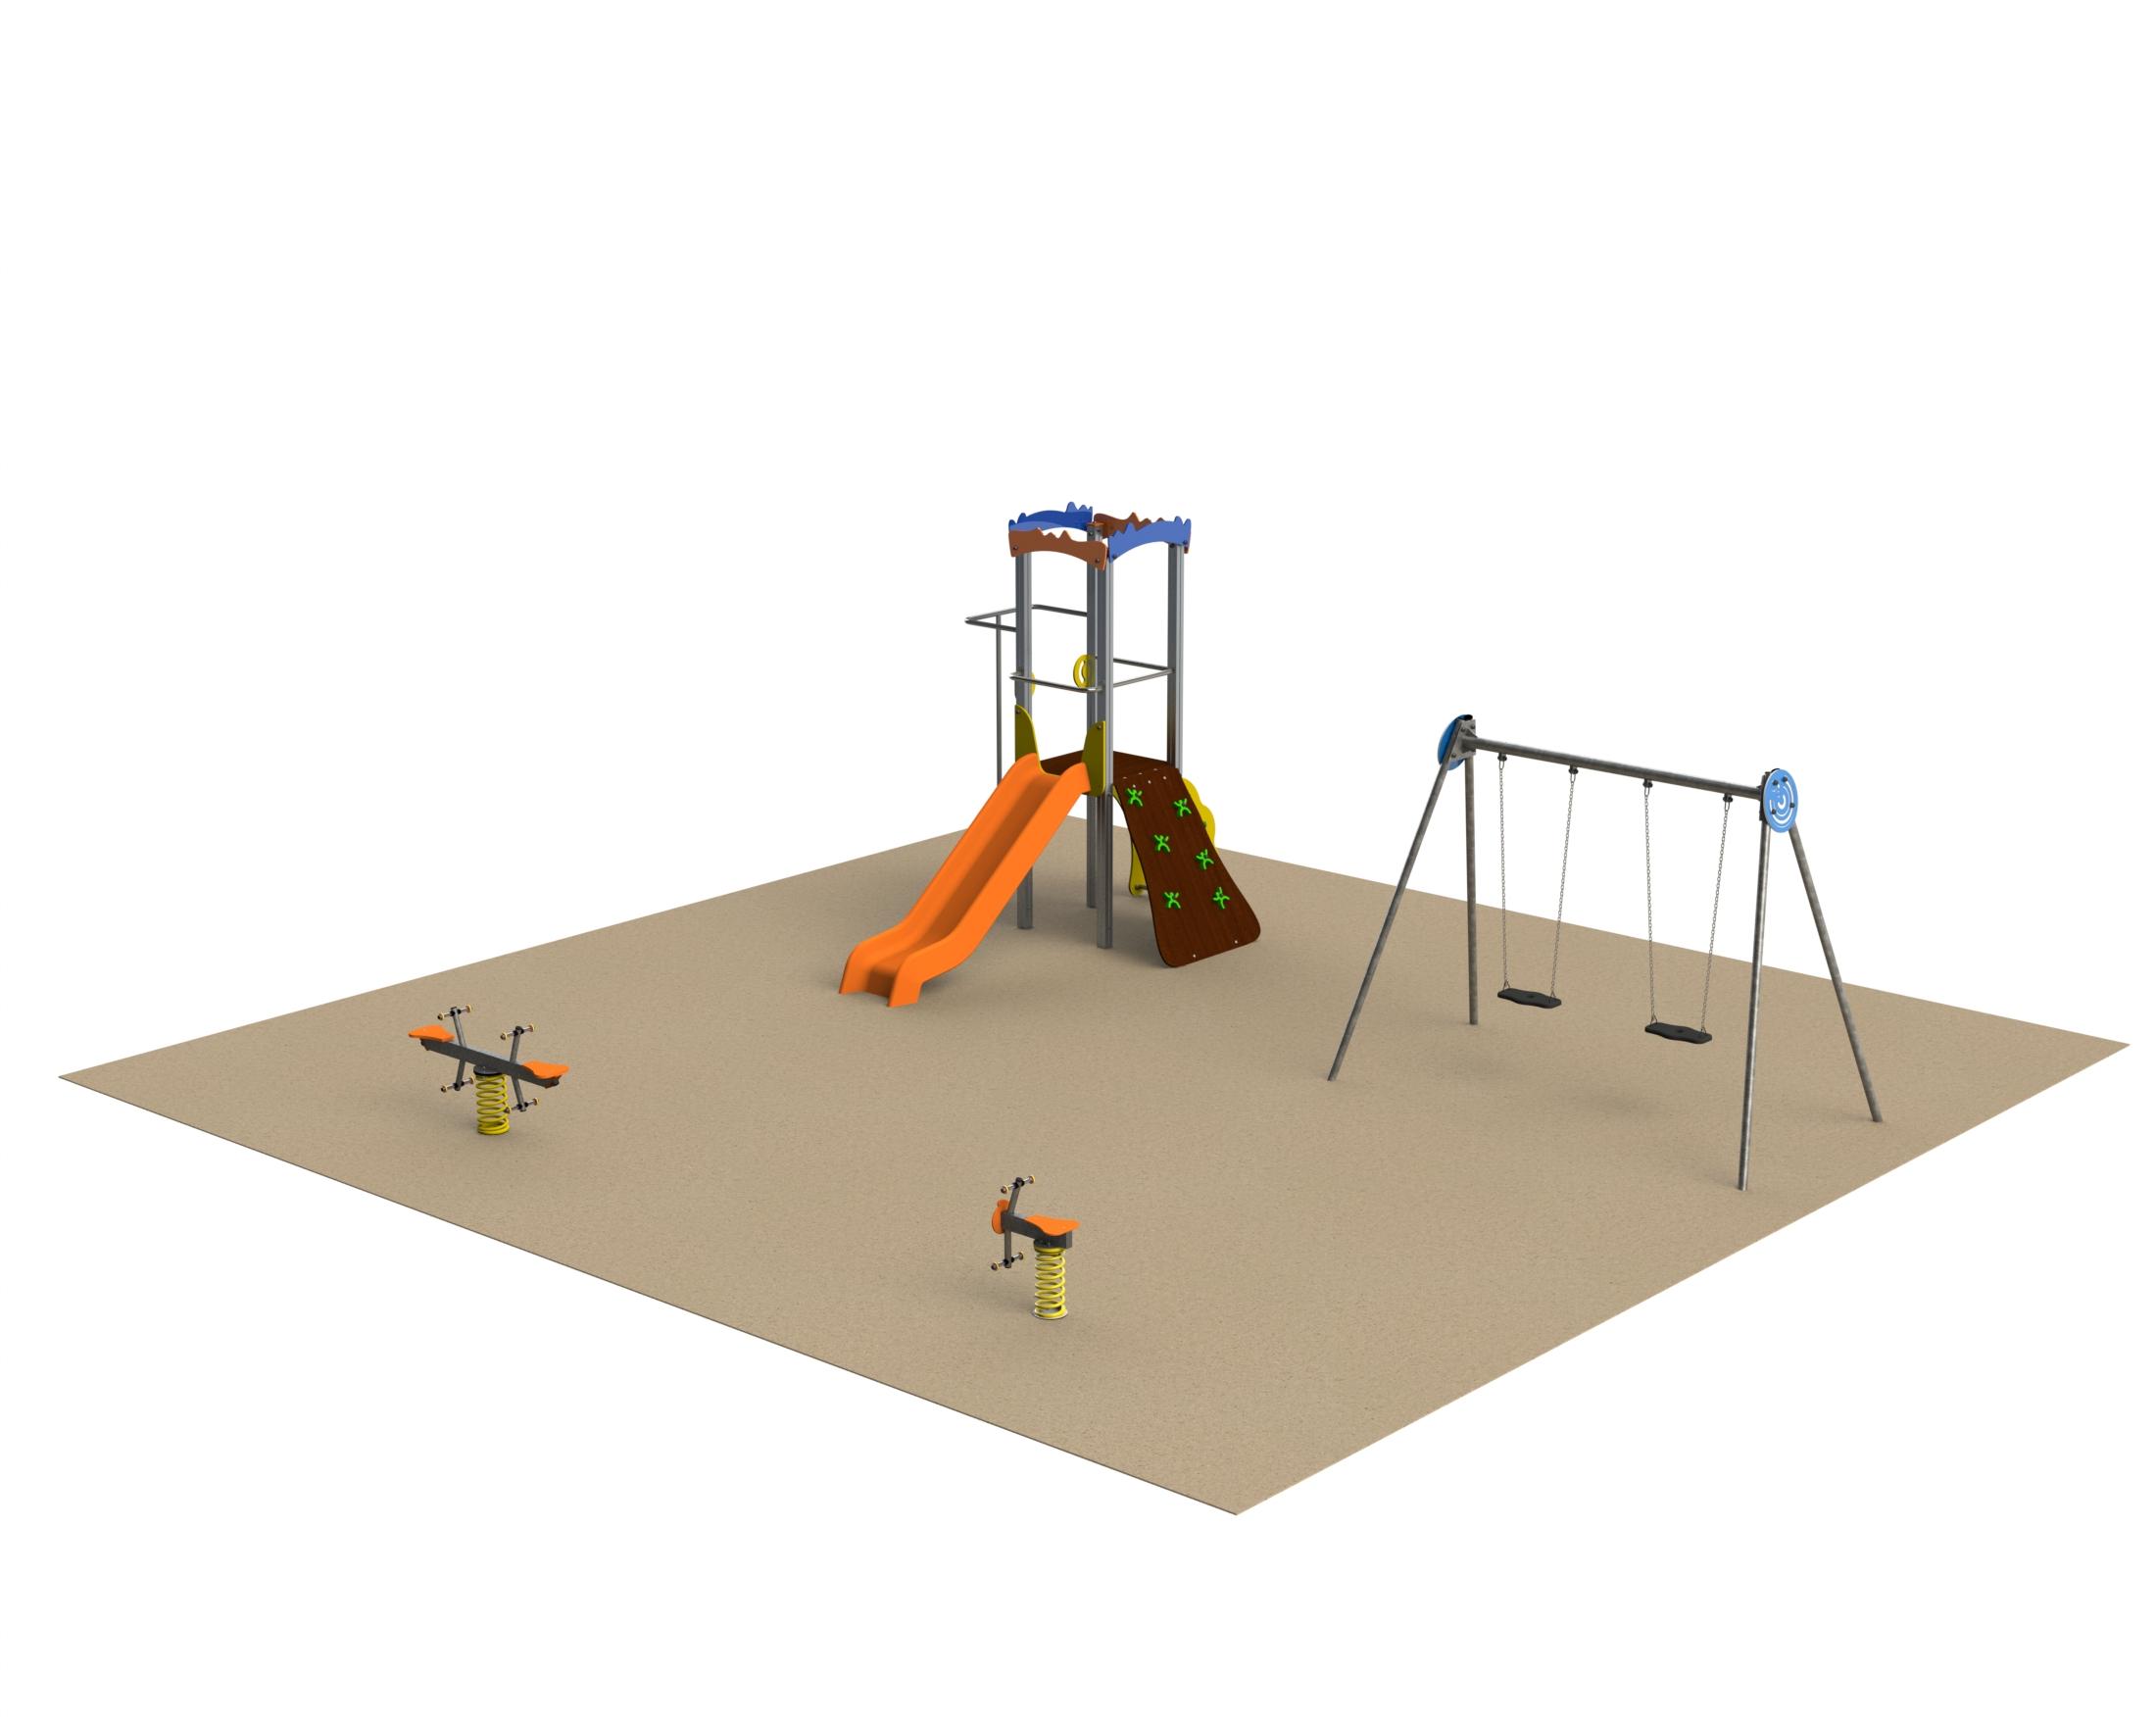 Ofertas para parques infantiles torre tobogán, columpios y balancines